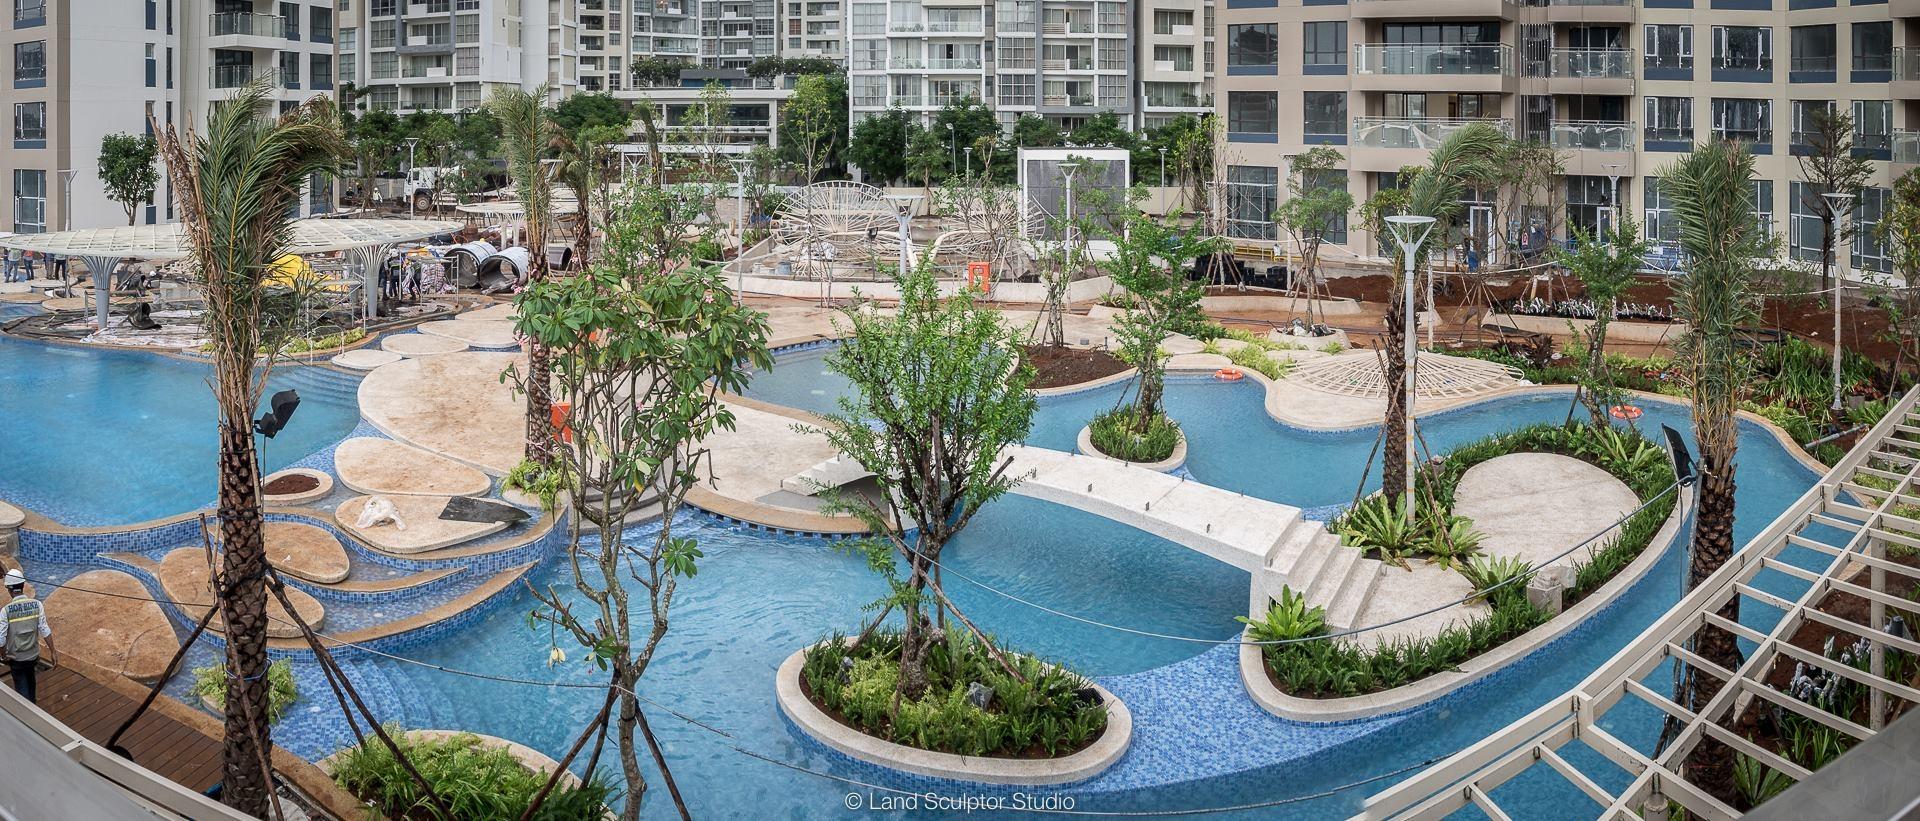 So sánh giá bán căn hộ Palm Garden với các dự án xung quanh